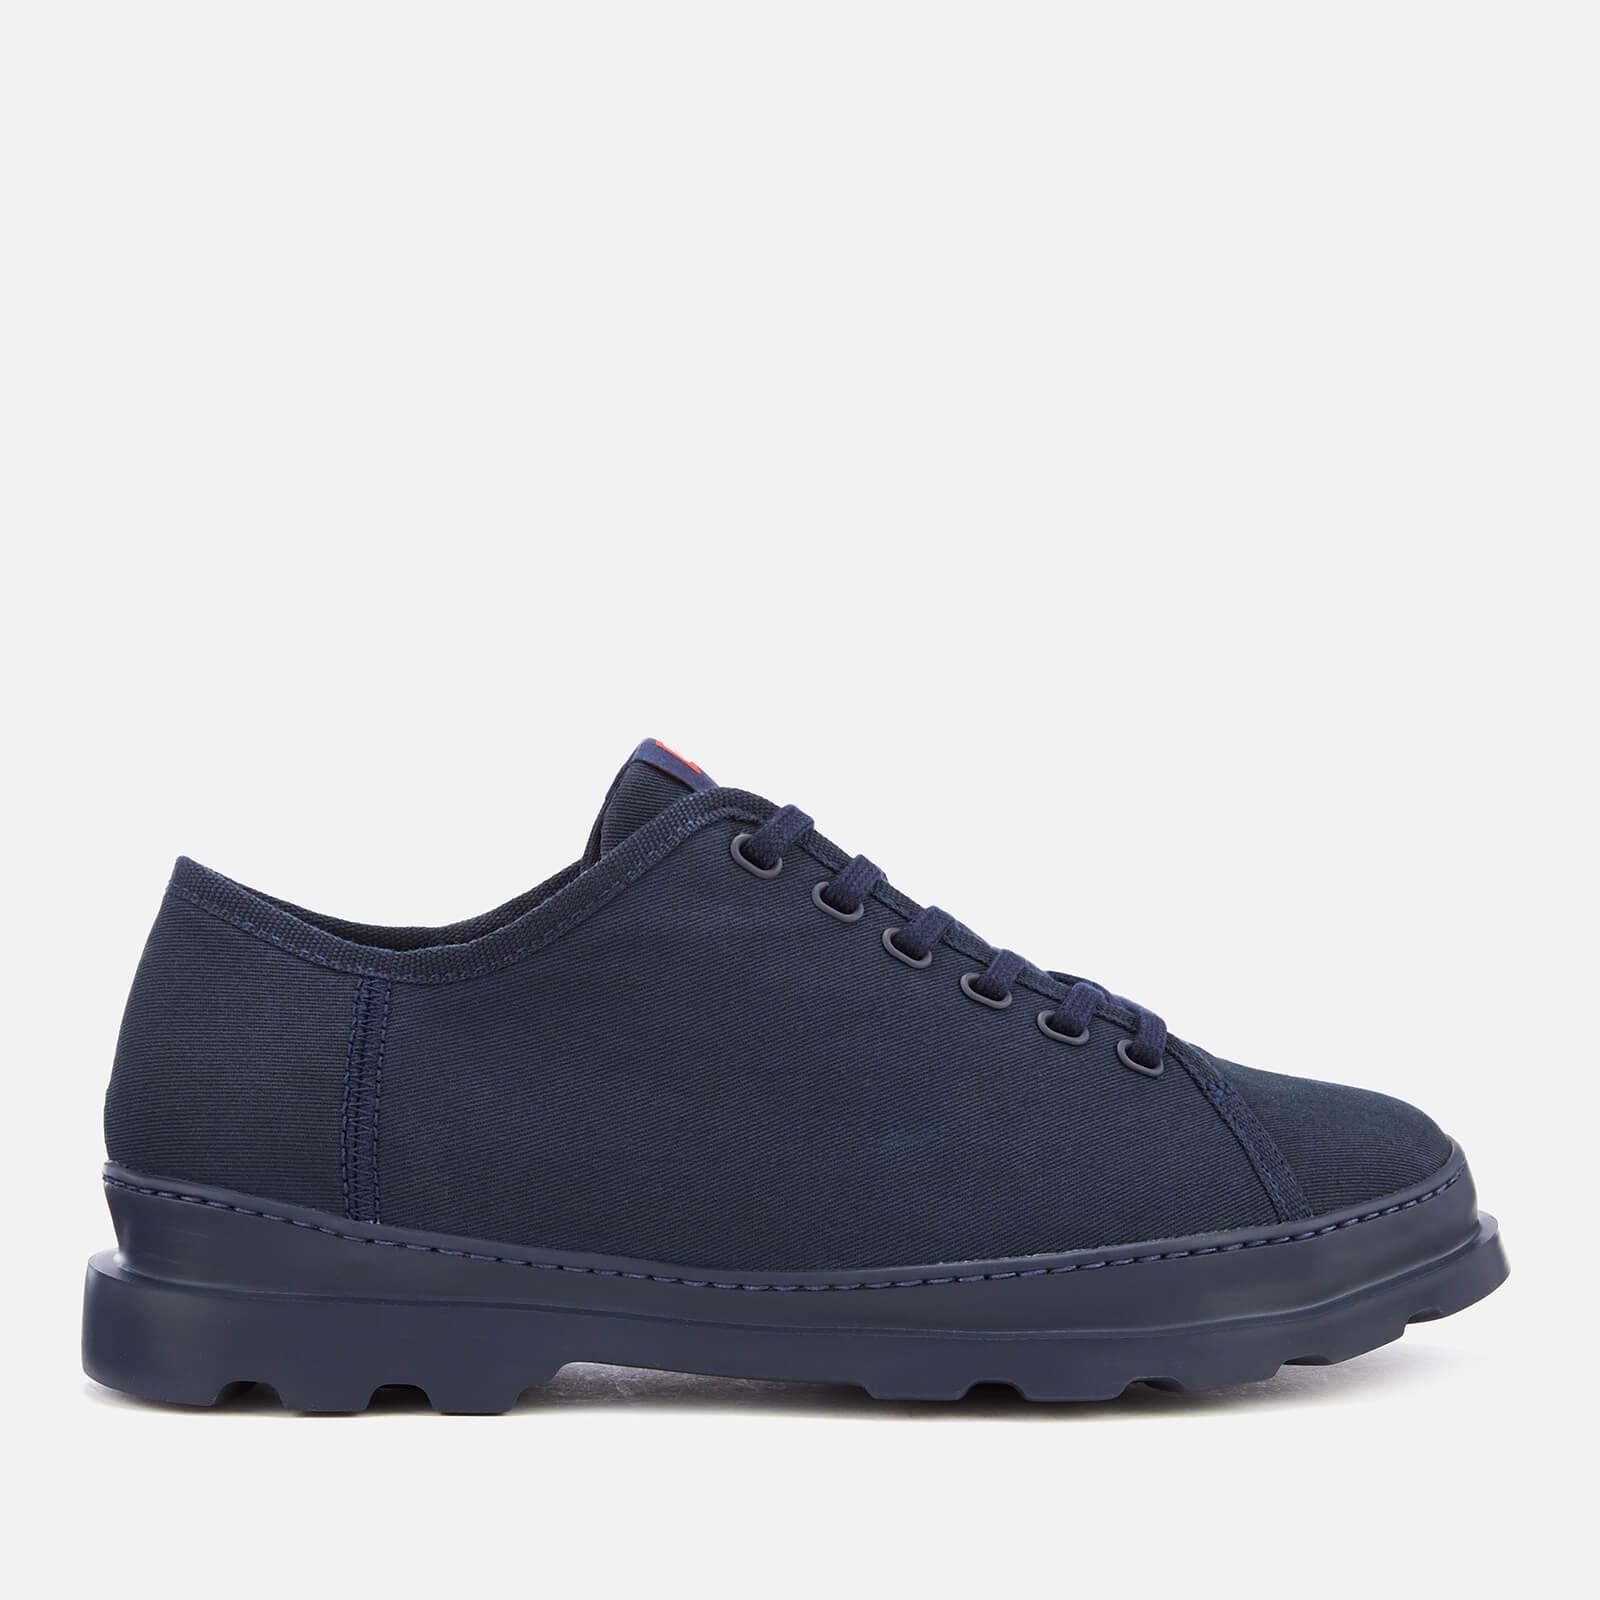 Camper Men's Brutus Canvas Shoes - Navy - UK 7 - Blue